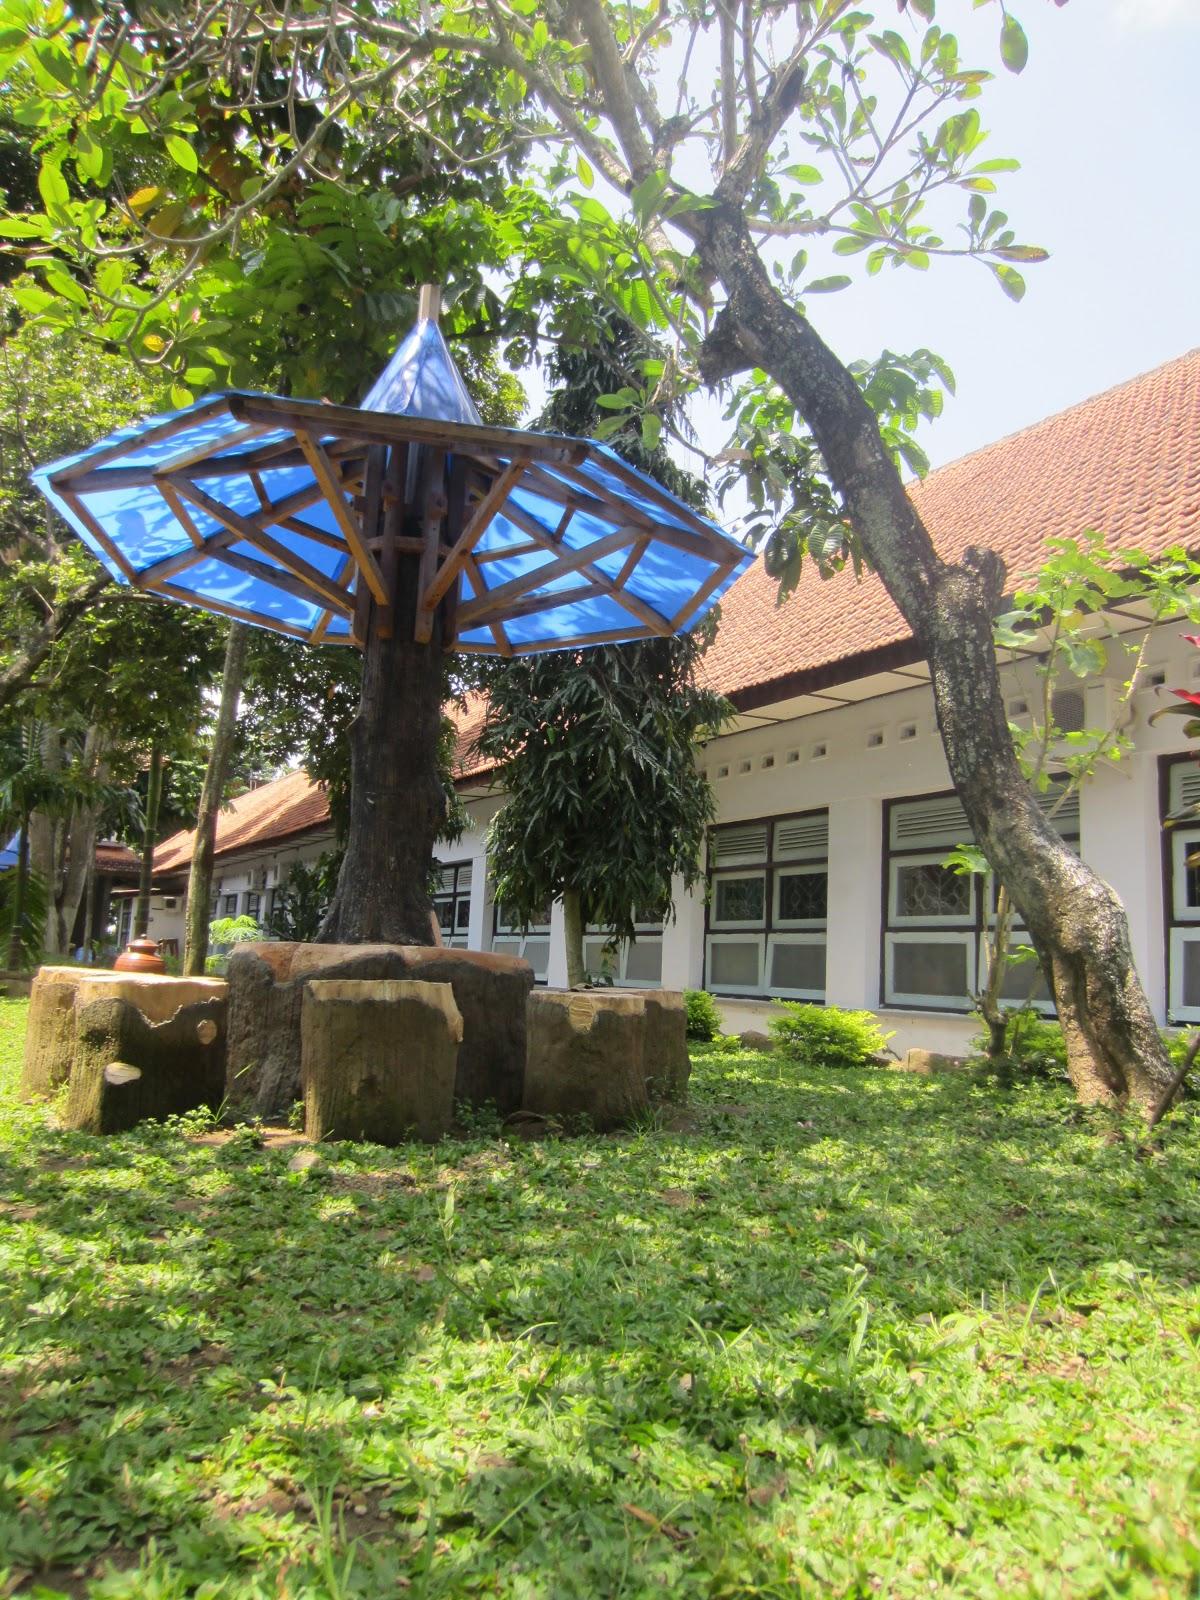 Taman Sekolah Adiwiyata : taman, sekolah, adiwiyata, ADIWIYATA, BOYOLALI:, Taman